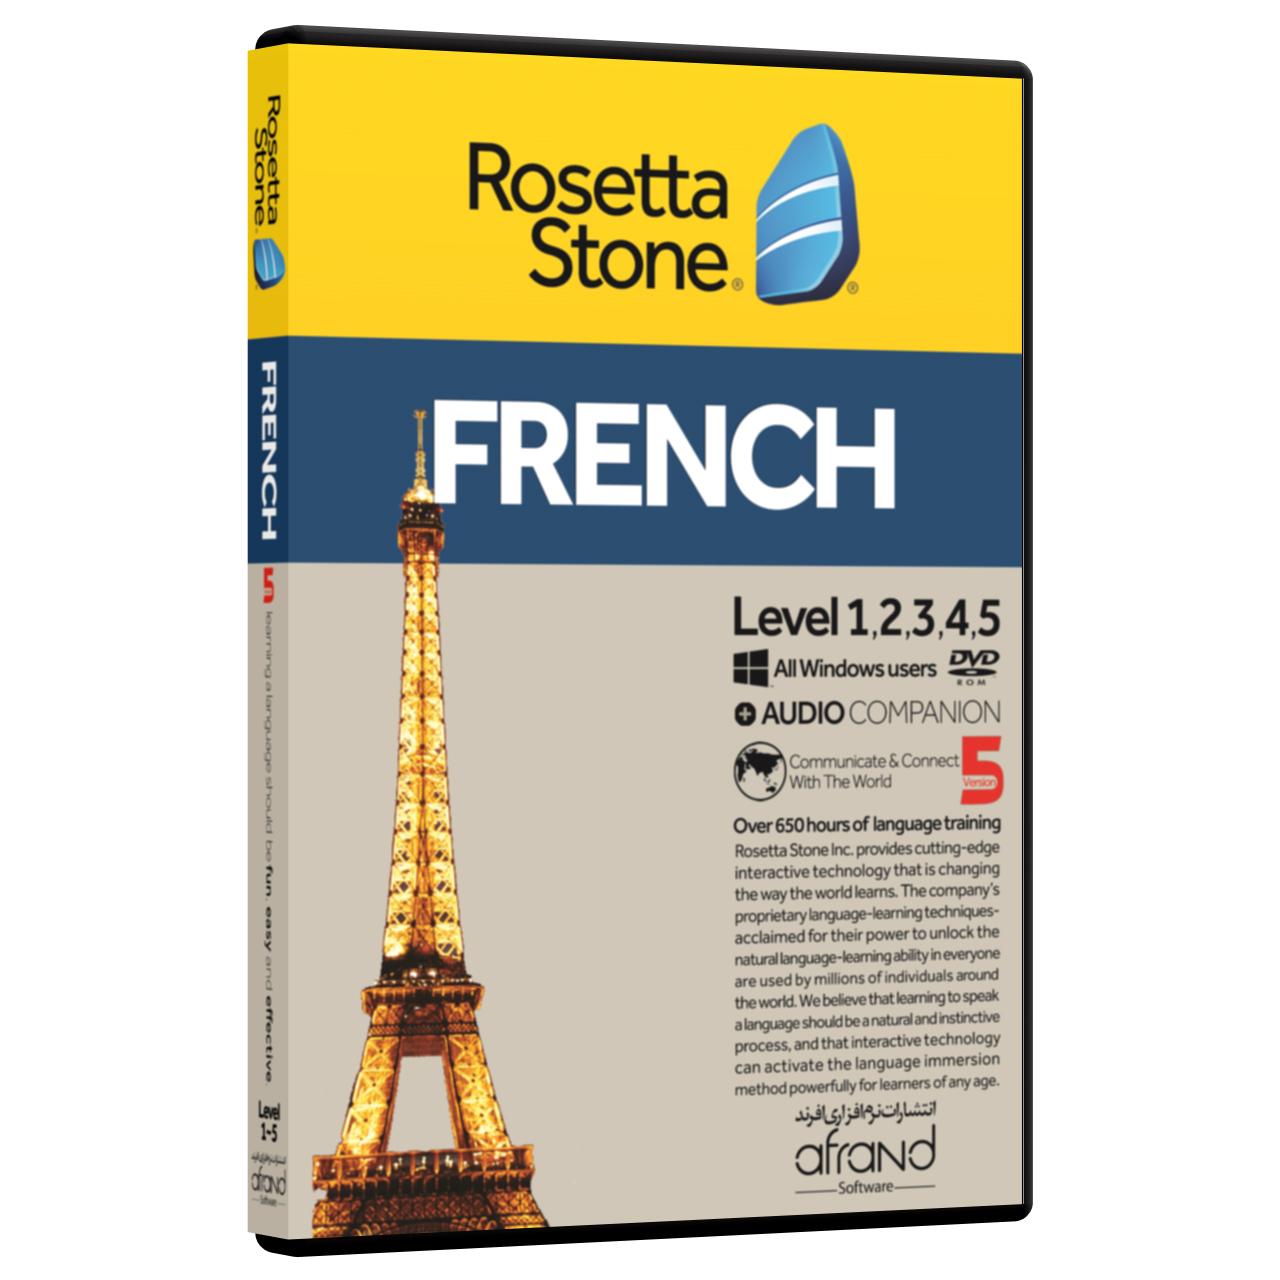 خرید اینترنتی نرم افزار آموزش زبان فرانسوی رزتااستون نسخه 5 انتشارات نرم افزاری افرند